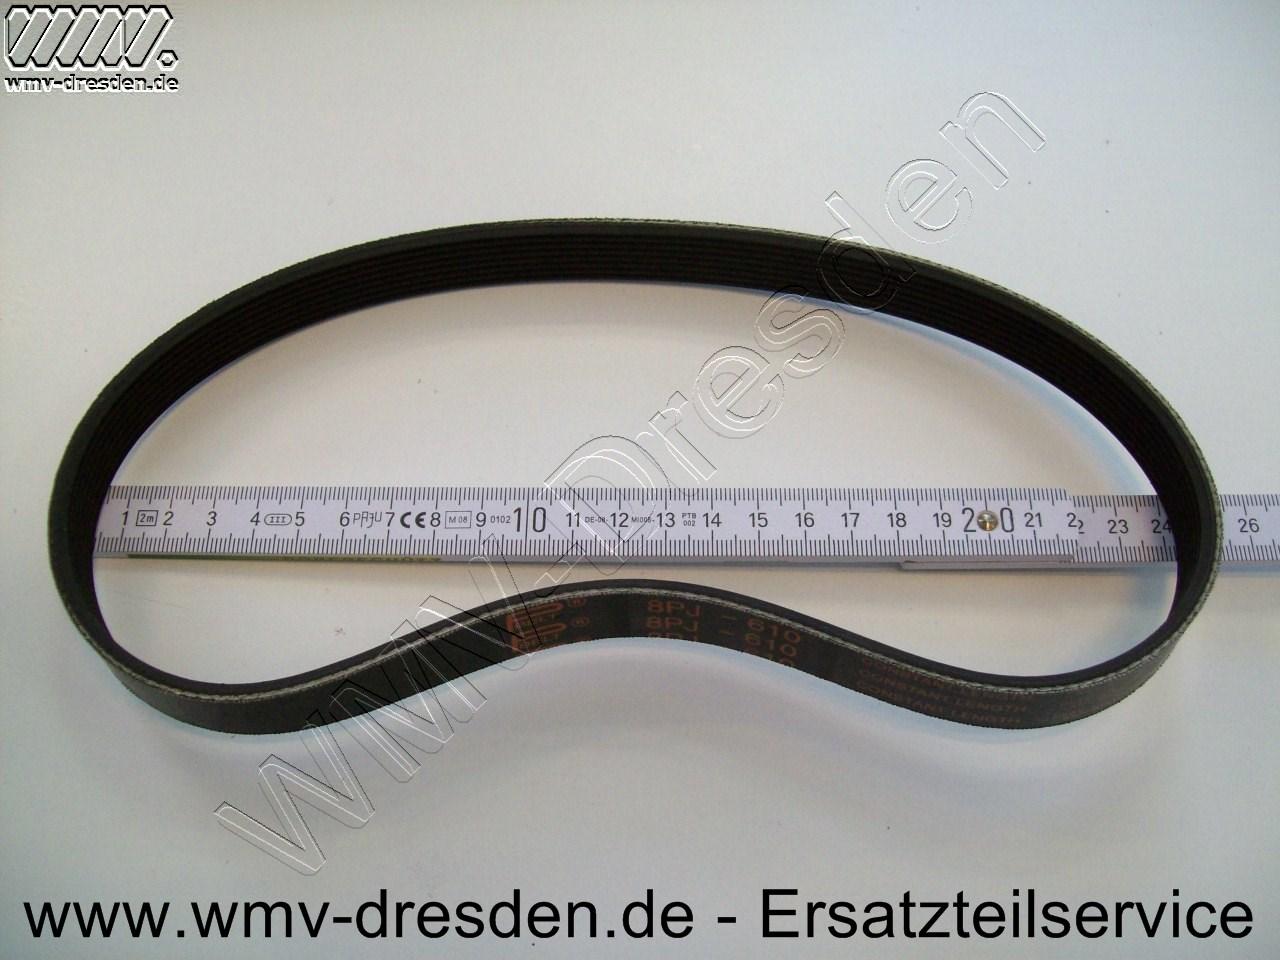 Längsillenriemen PJ8-610, 8 Rillen, 610 lang, 18,9 mm breit